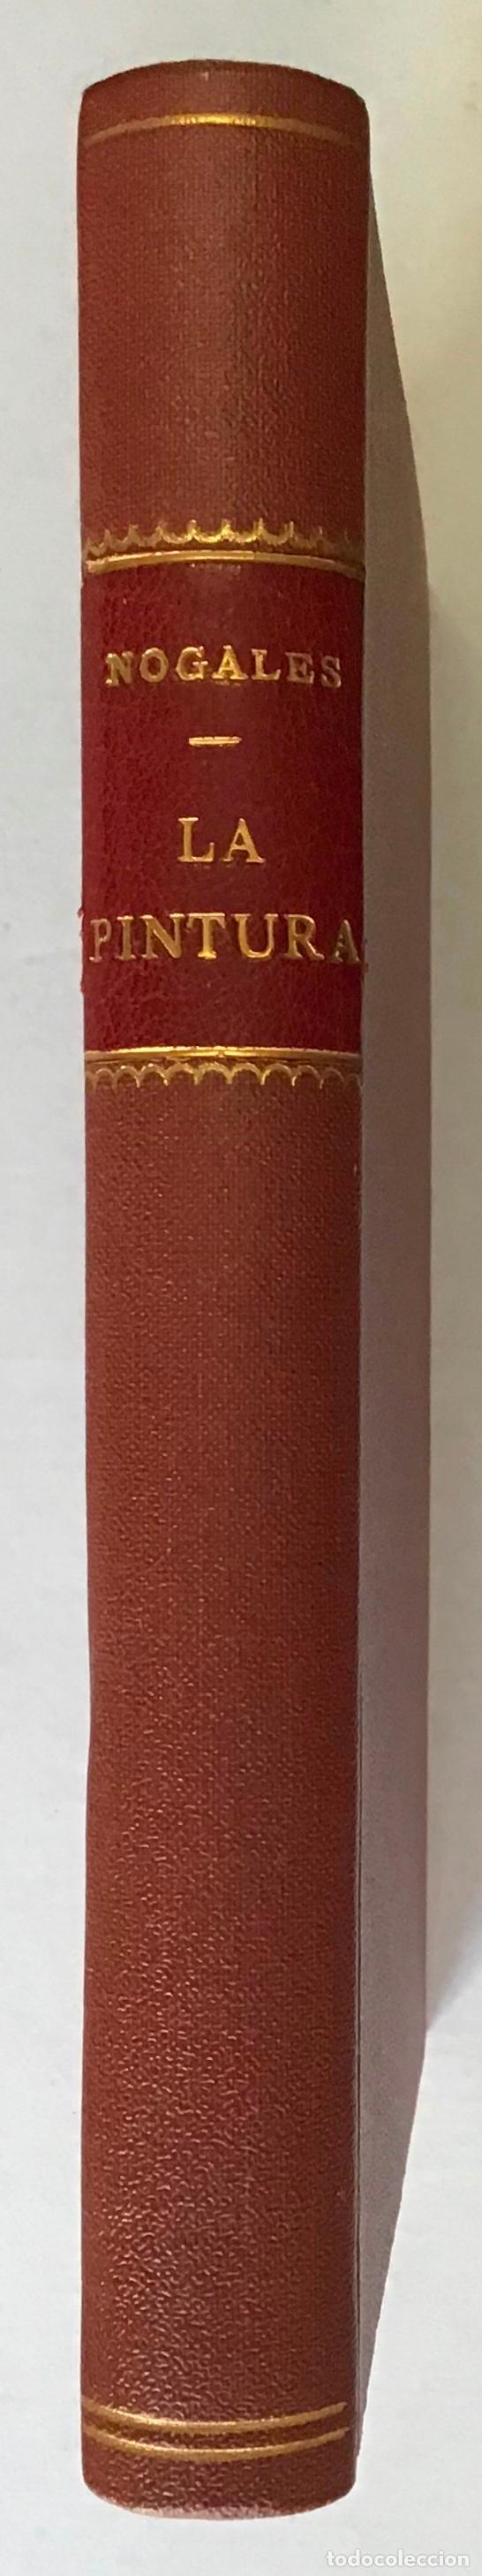 Libros antiguos: LA PINTURA. estudio del cuadro para educar la visión y el sentido estético. - NOGALES Y MARQUEZ DEL - Foto 2 - 123223406